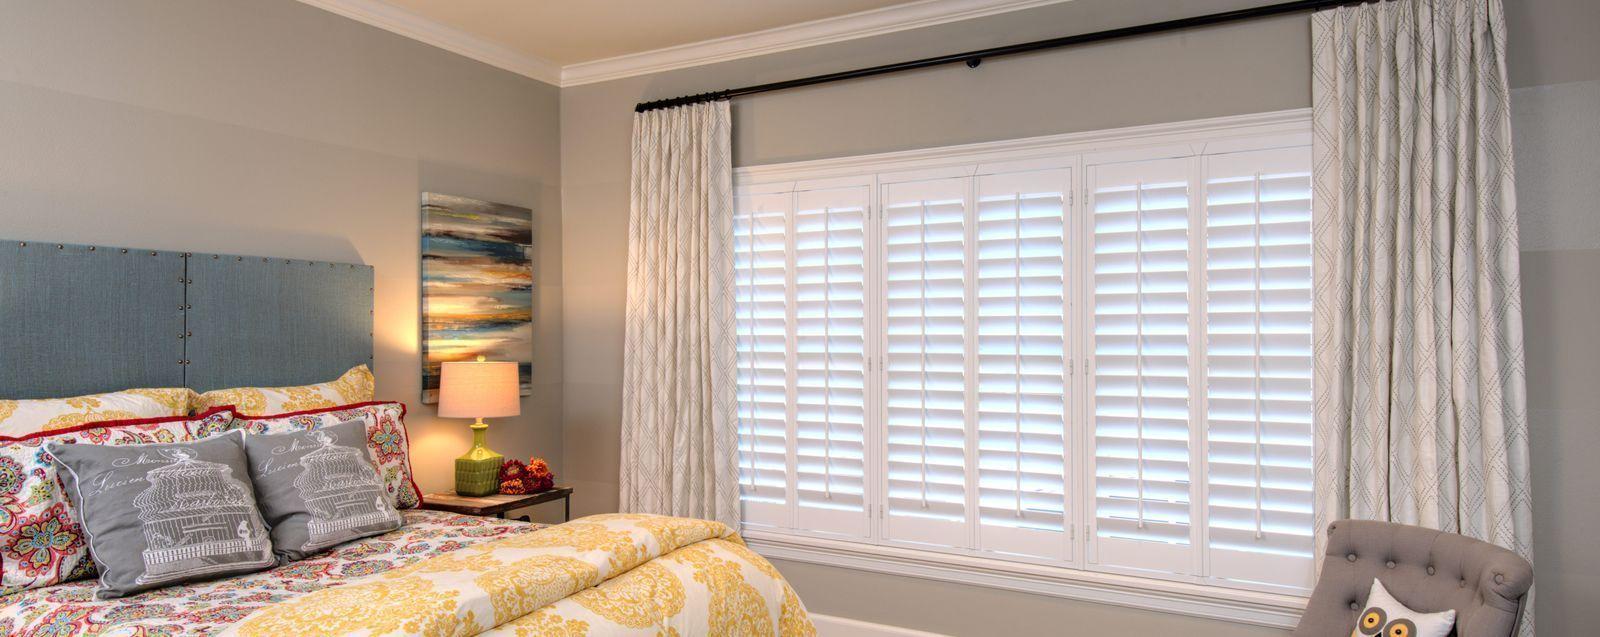 Blackout blinds fit shutter blinds porchesinside mount vertical